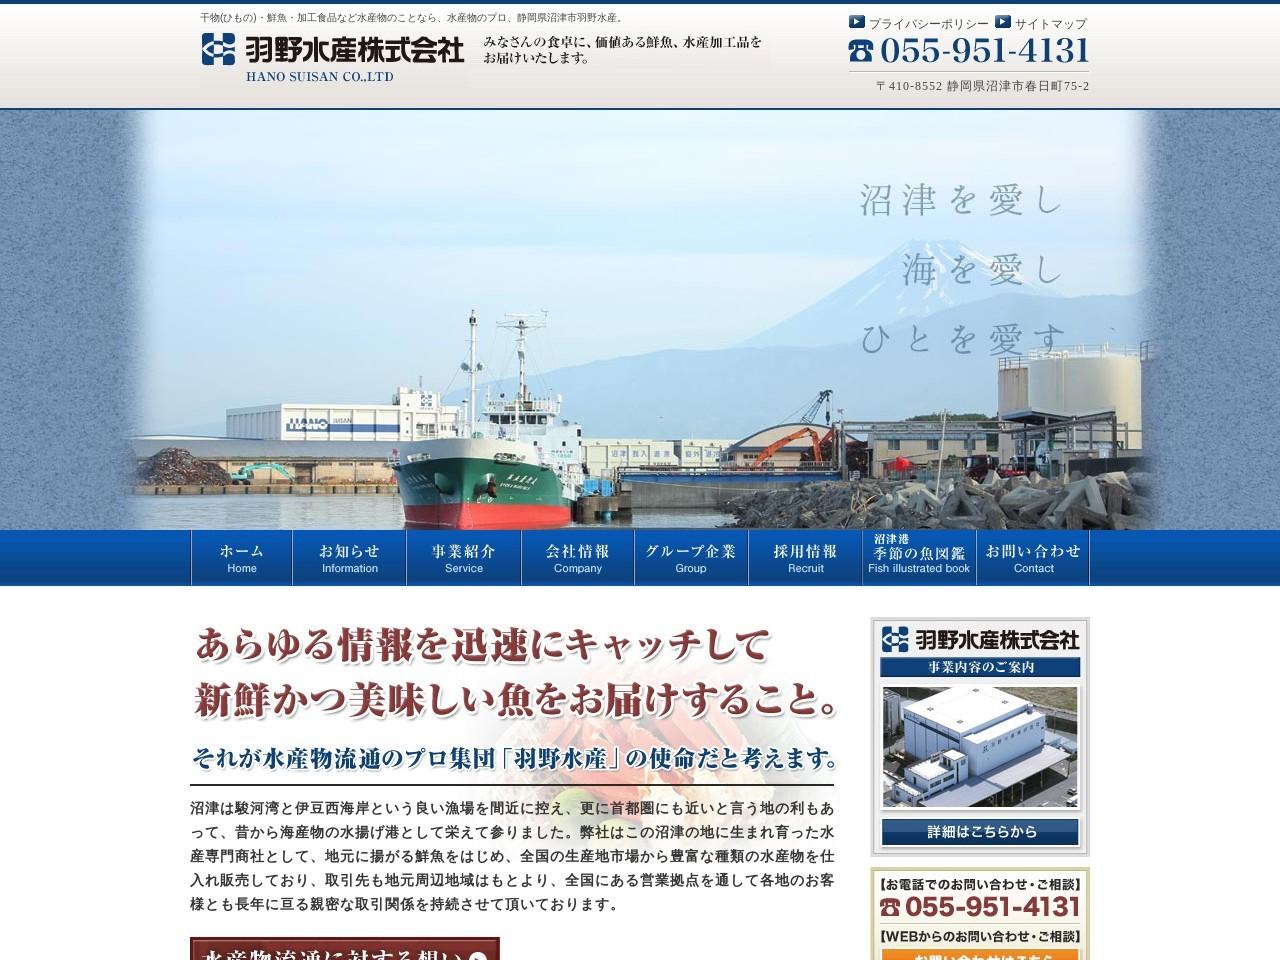 羽野水産株式会社